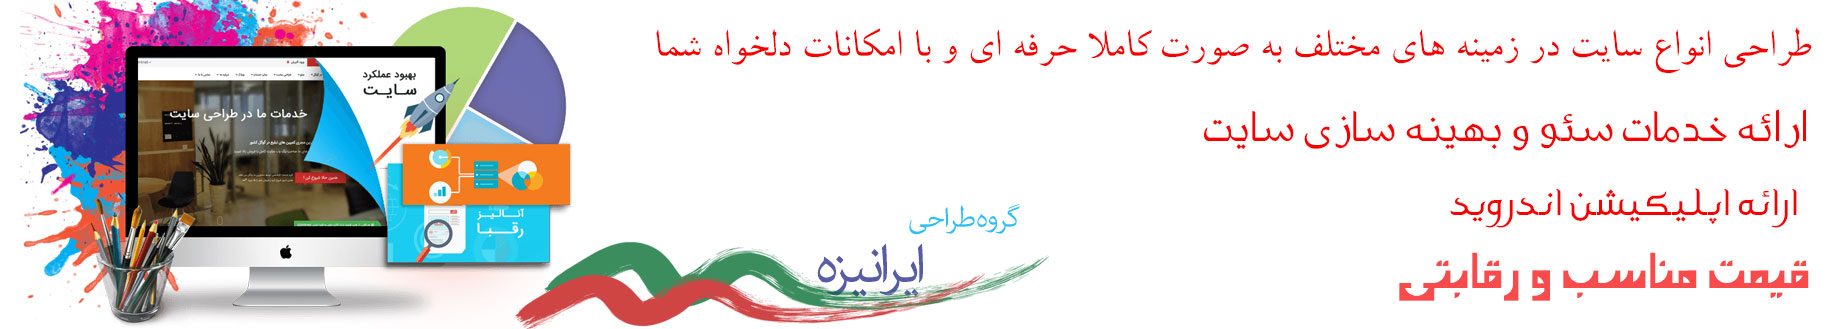 گروه طراحی ایرانیزه